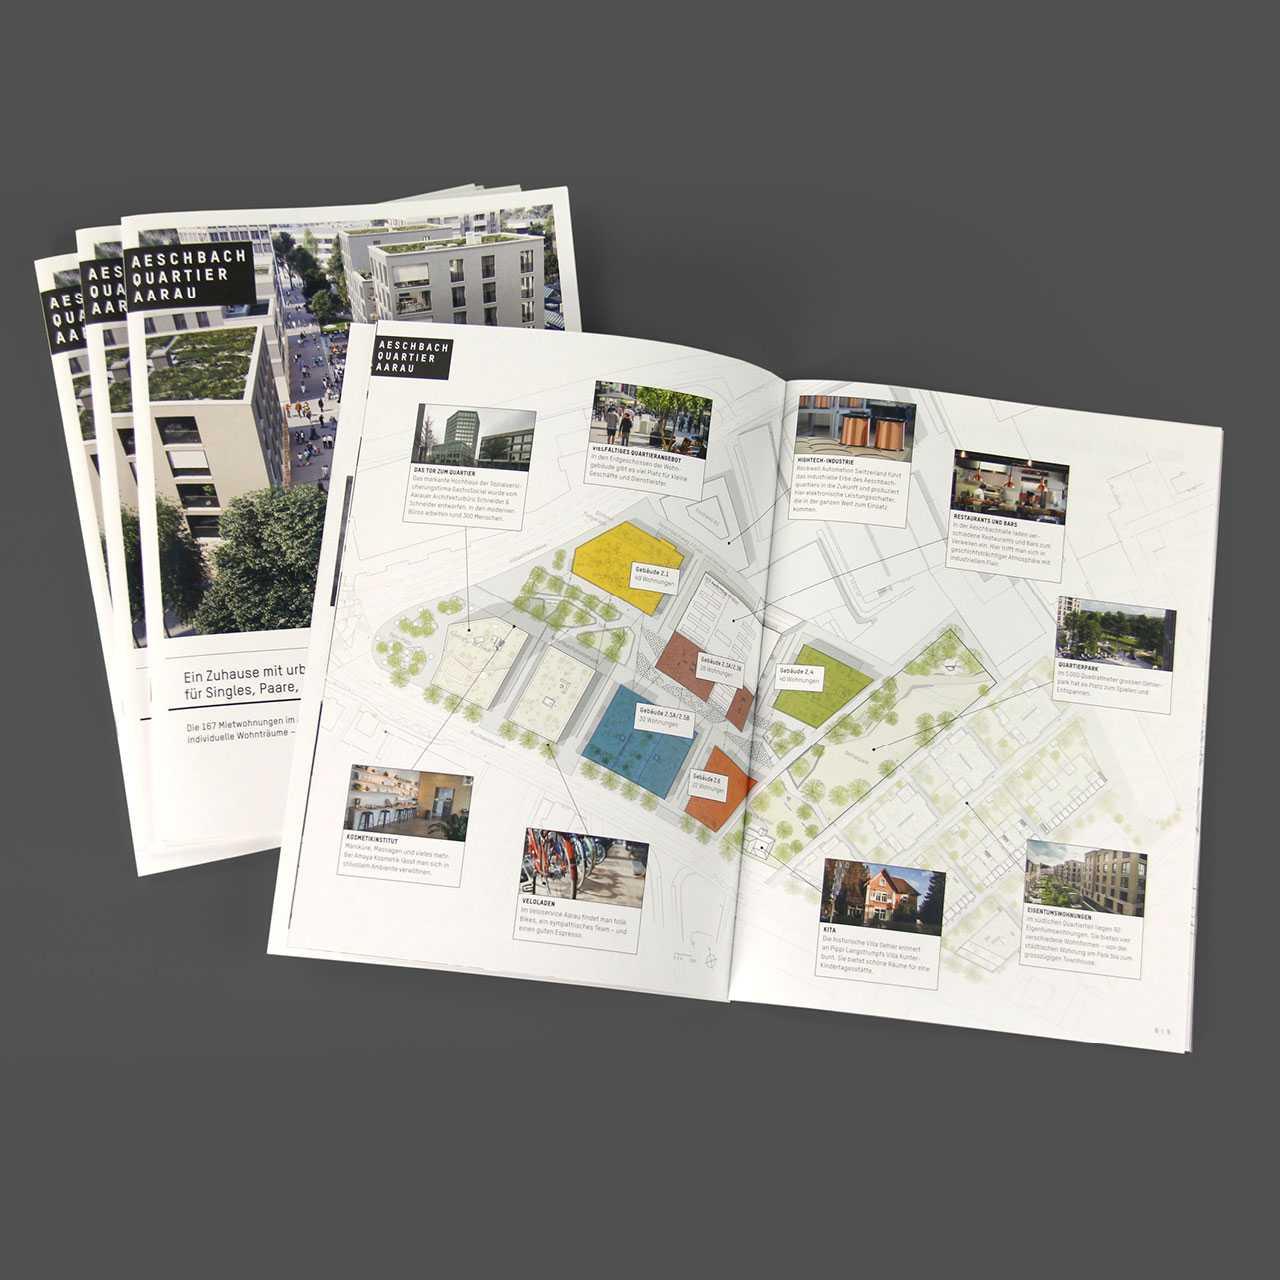 Aeschbachquartier Aarau by Mobimo AG: Corporate Design und Gesamtkommunikation